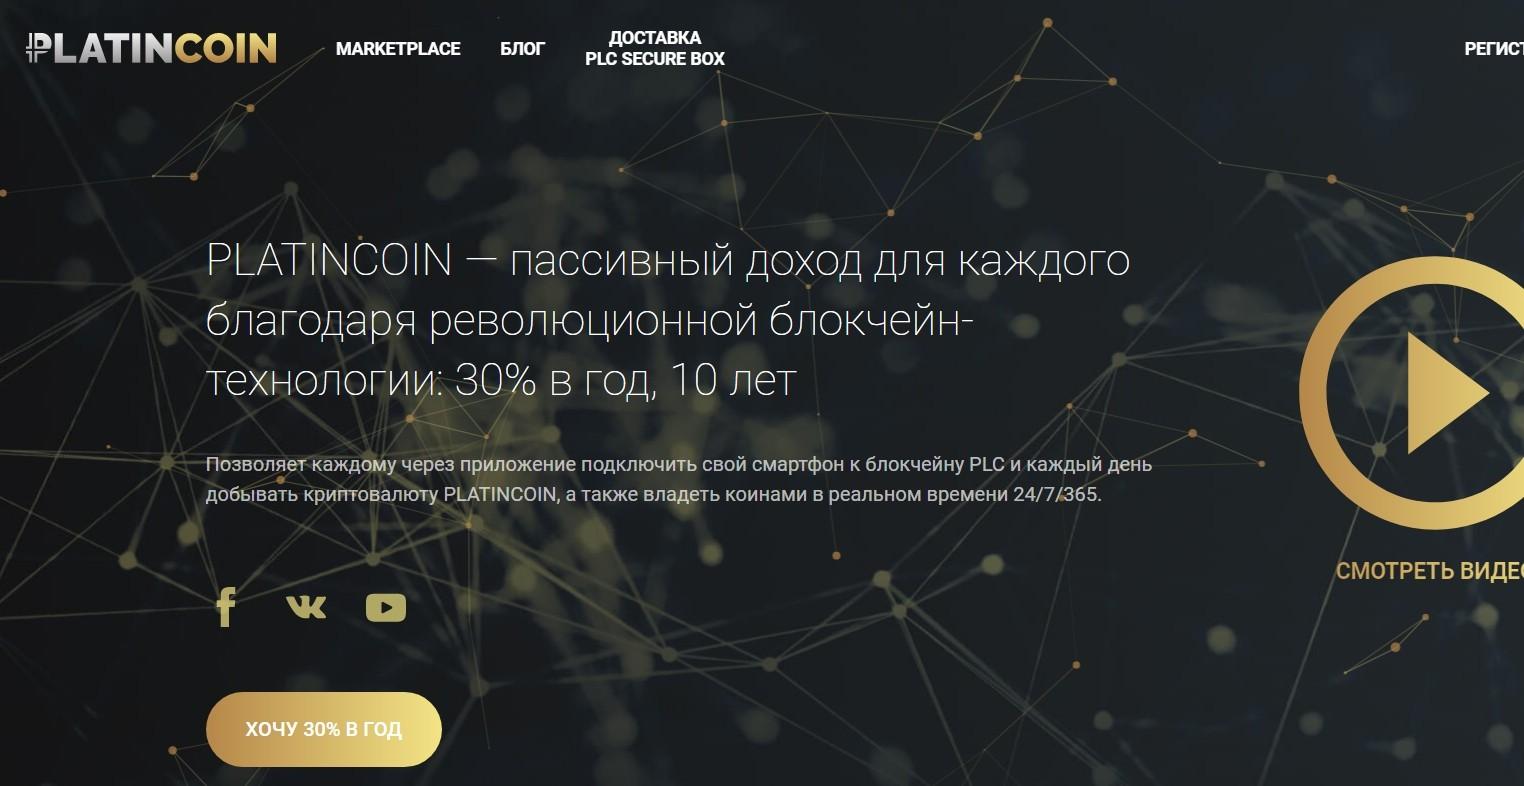 Сайт Платинкоин